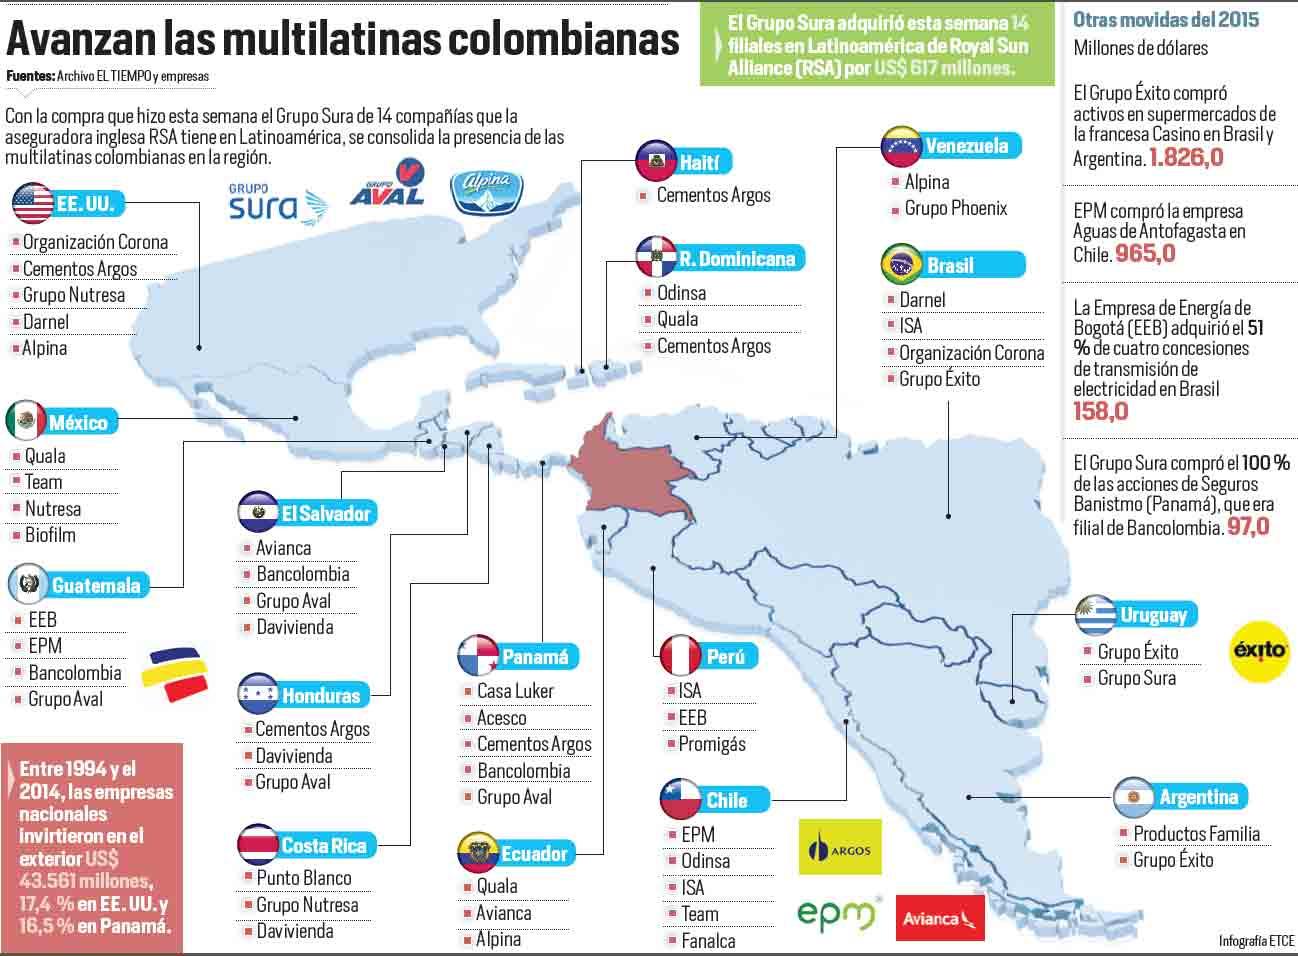 Multilatinas Colombianas Archivo Digital De Noticias De Colombia Y El Mundo Desde